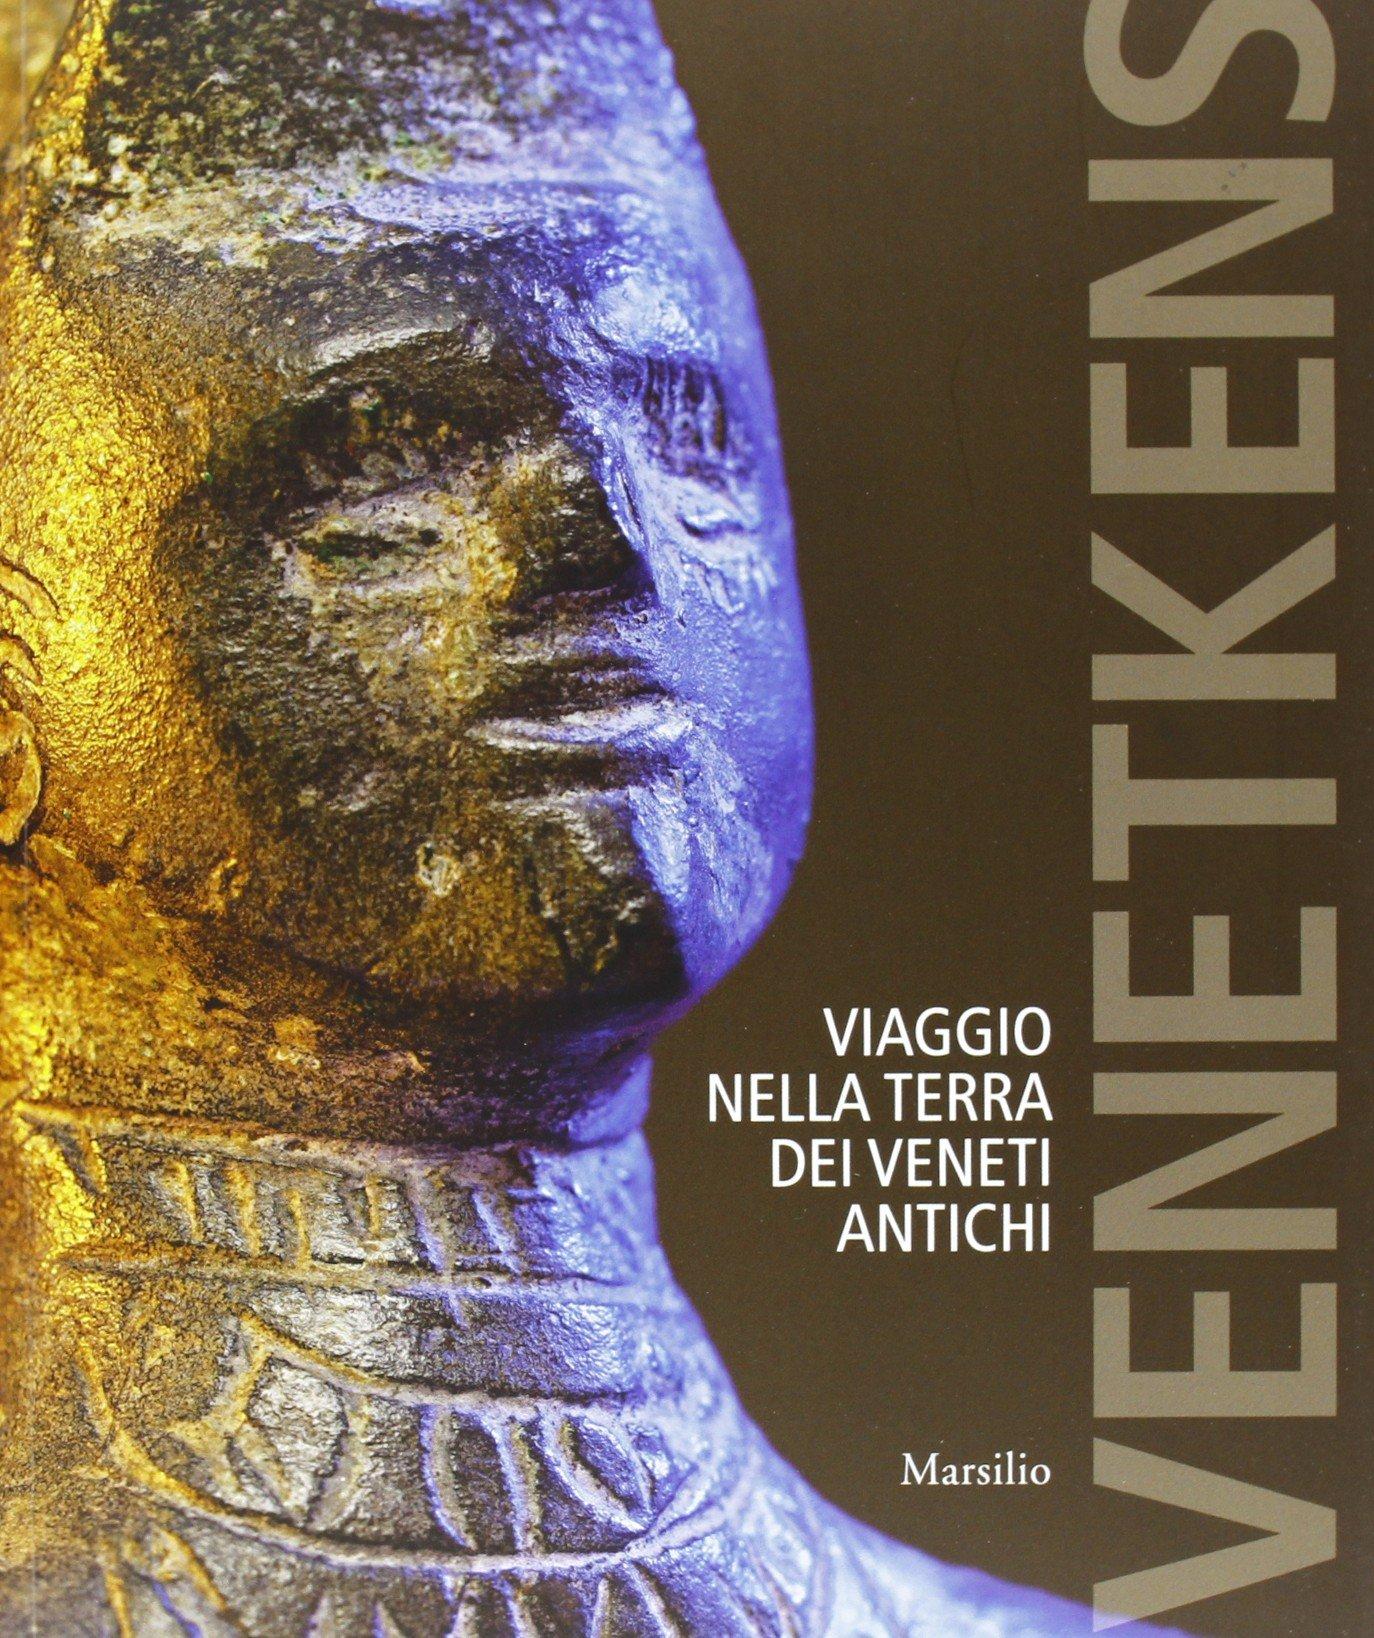 Venetkens. Viaggio nella terra dei veneti antichi. (Catalogo della mostra, Padova 6 aprile-17 novembre 2013)